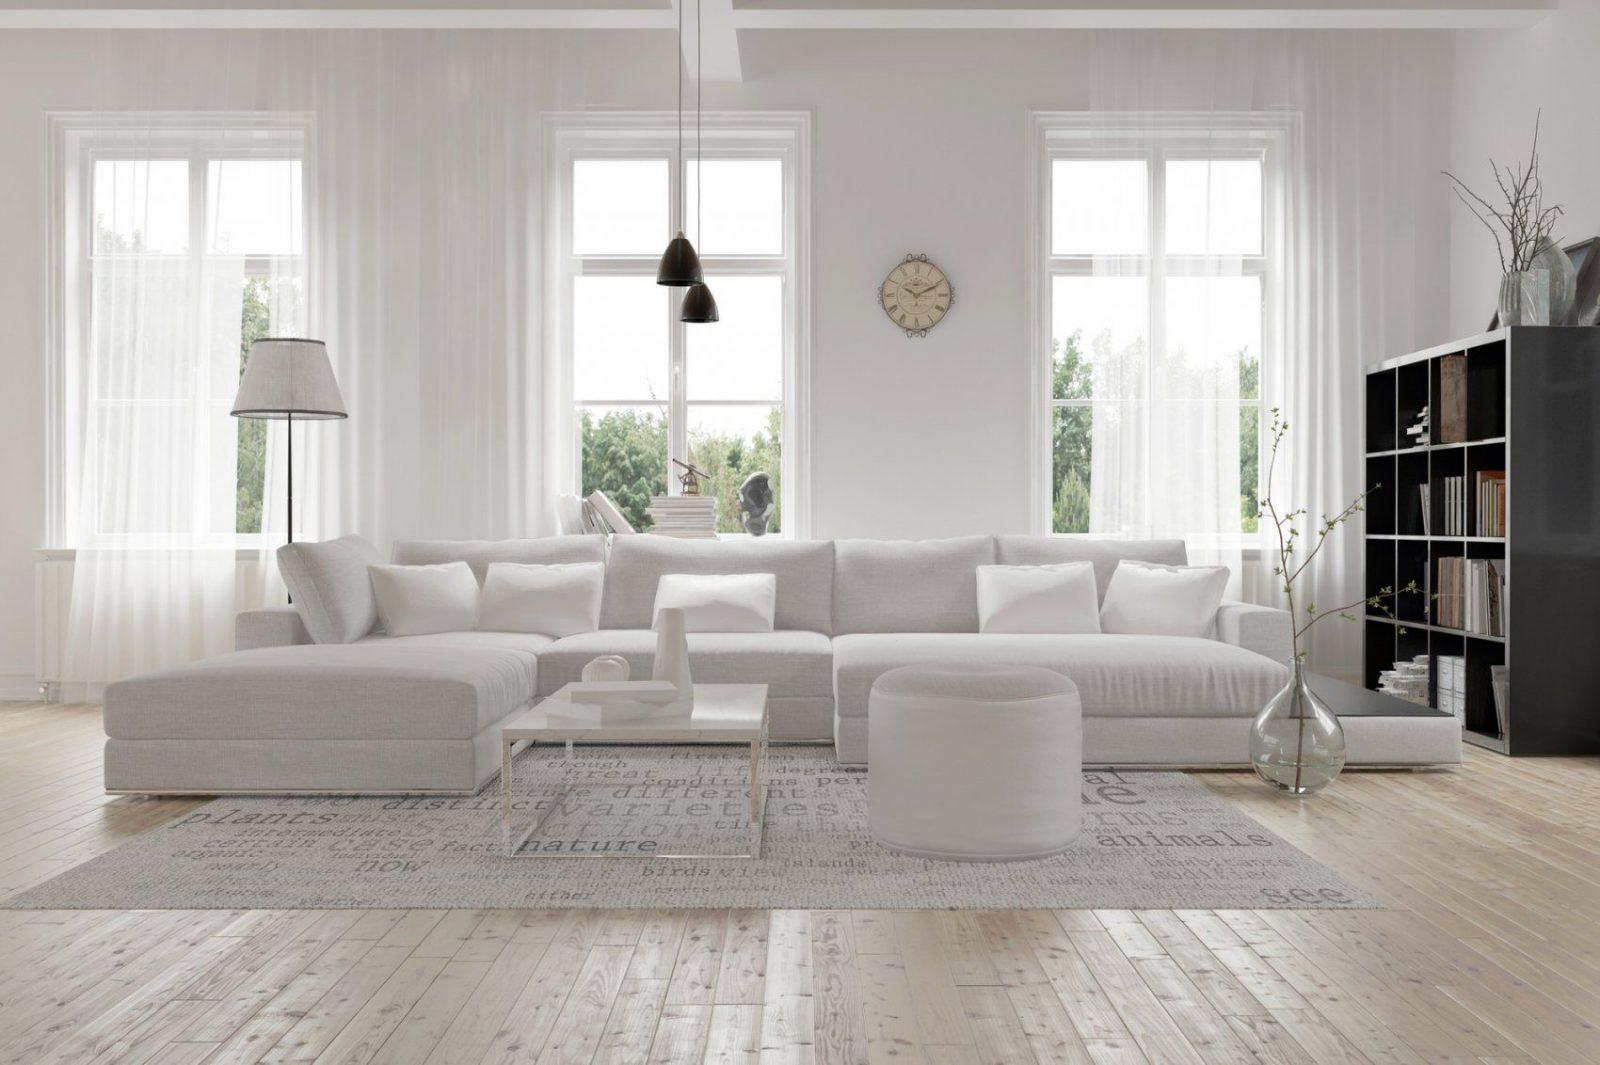 Großes Schlafzimmer Gemütlich Einrichten | Haus Design Ideen